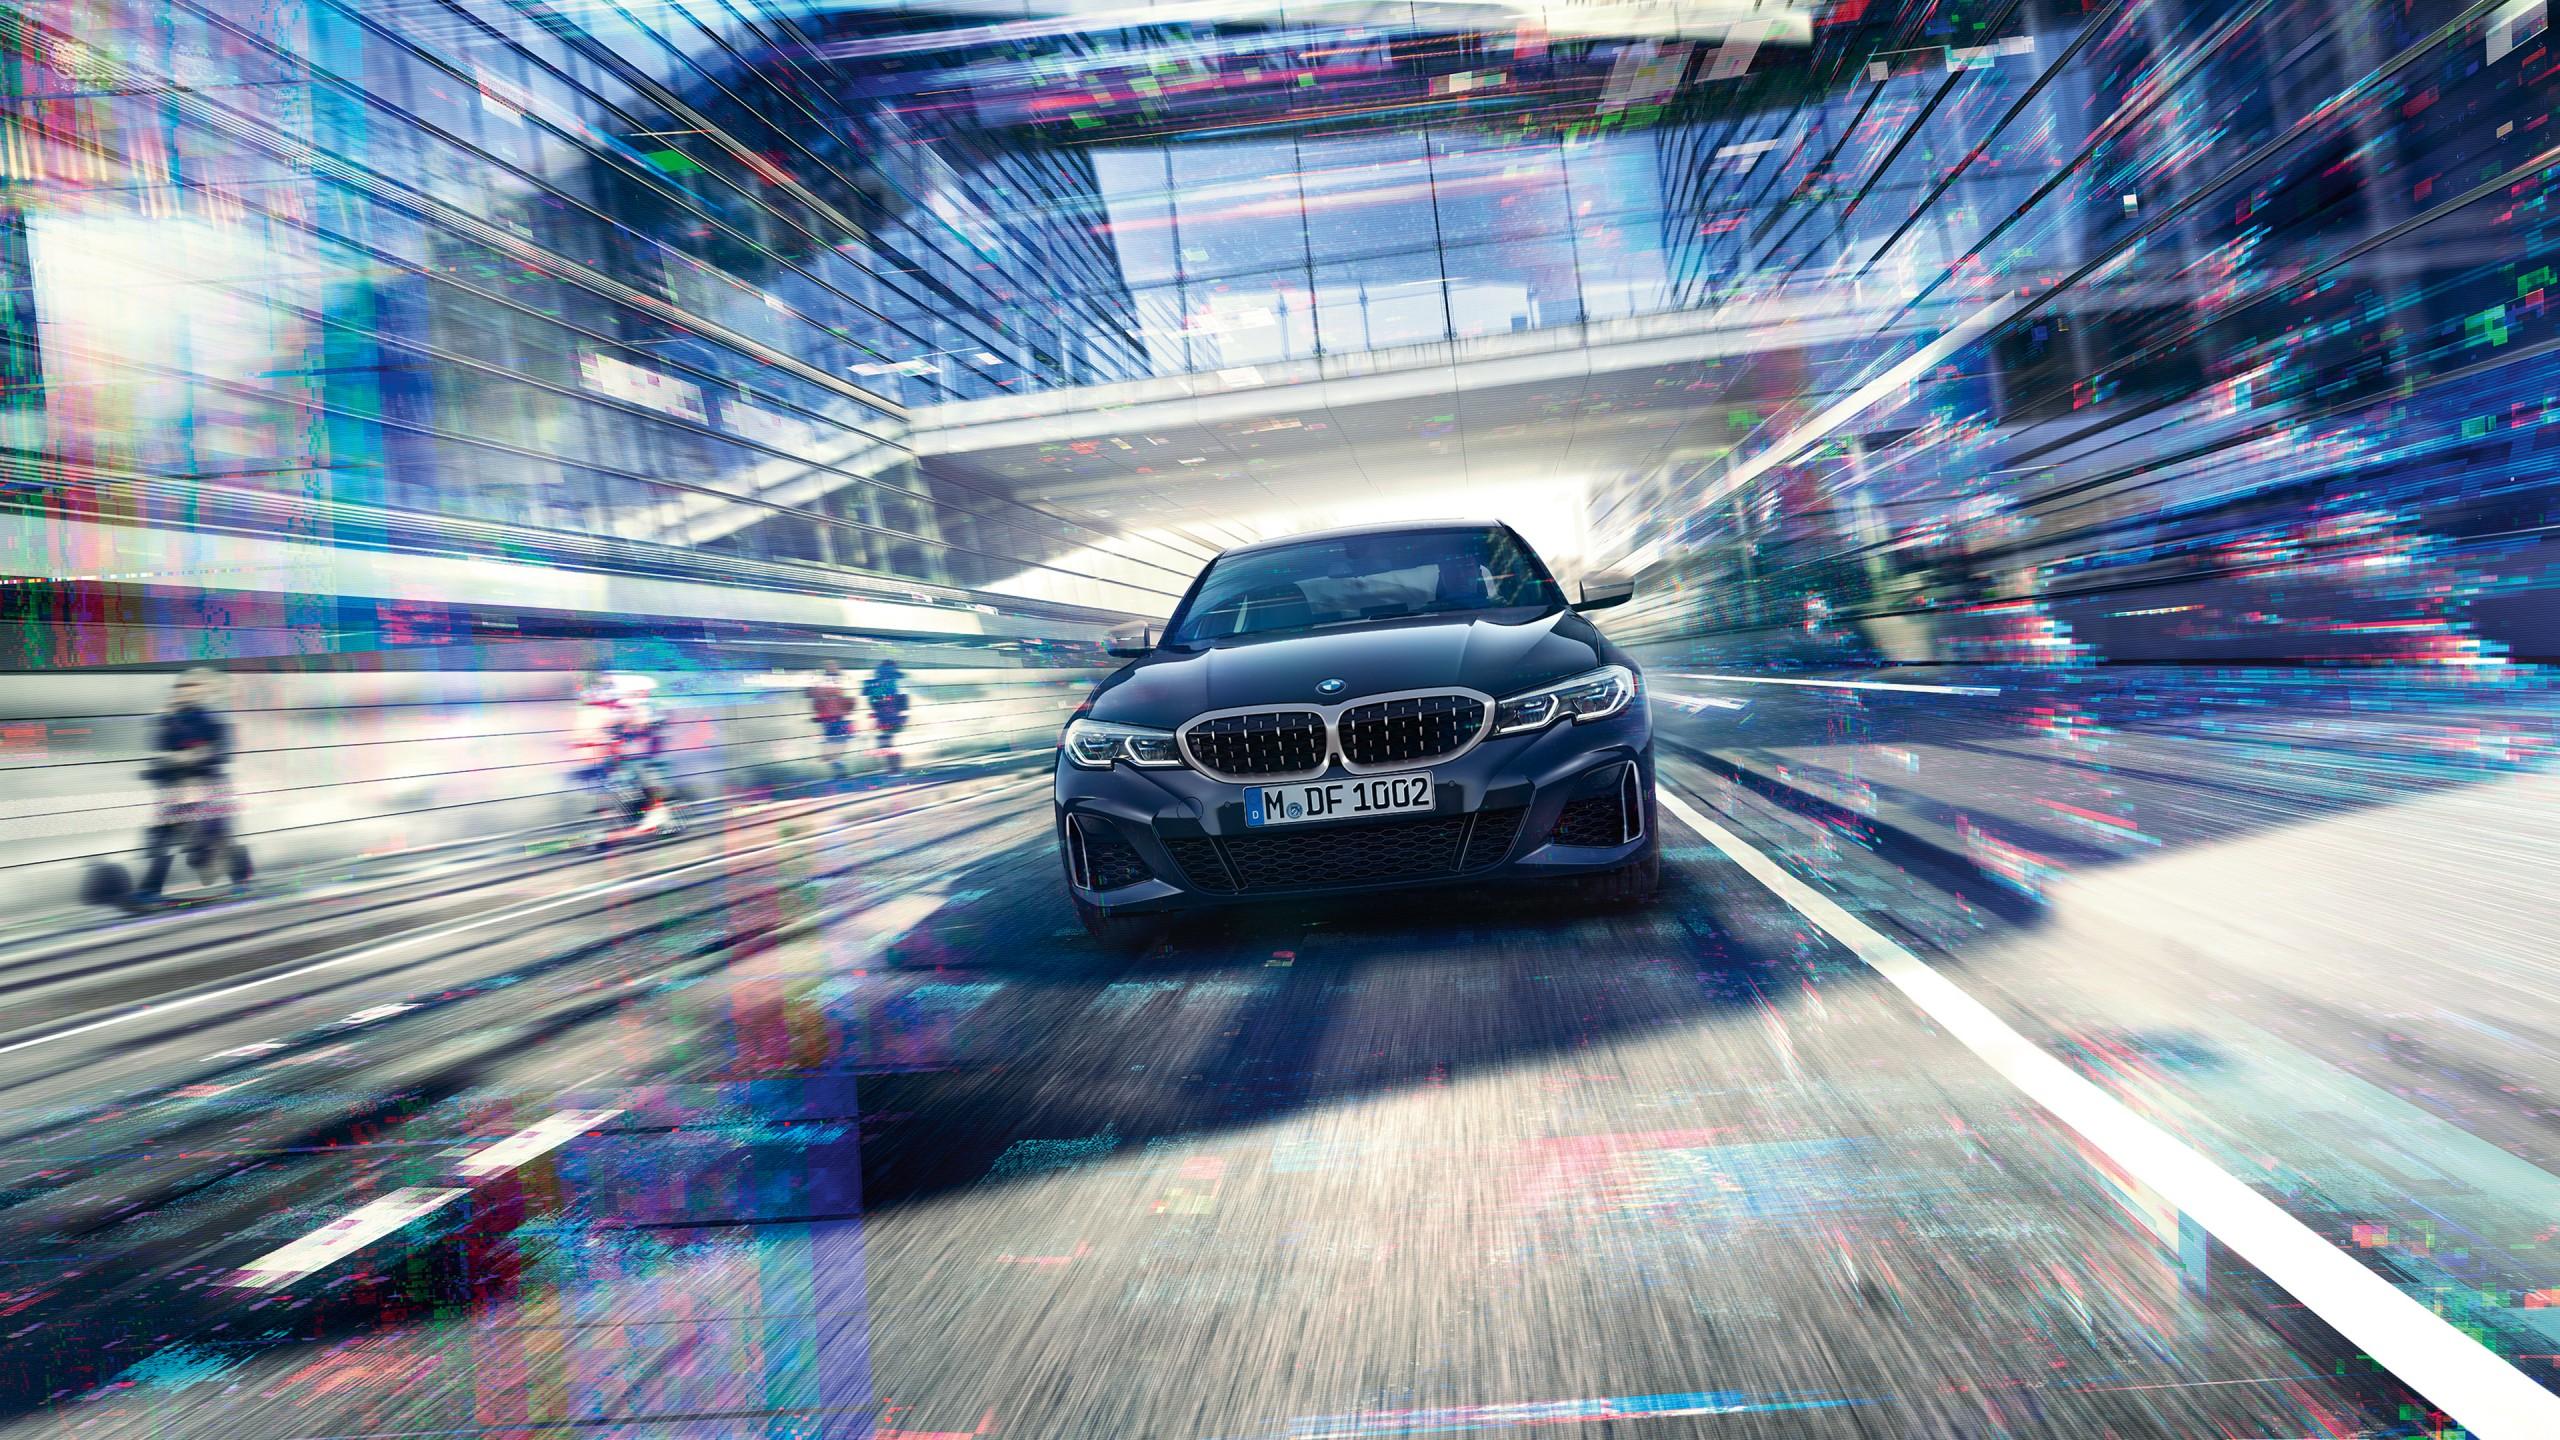 2017 BMW M6 Gran Coupe >> BMW M340i xDrive 2019 4K Wallpaper | HD Car Wallpapers ...